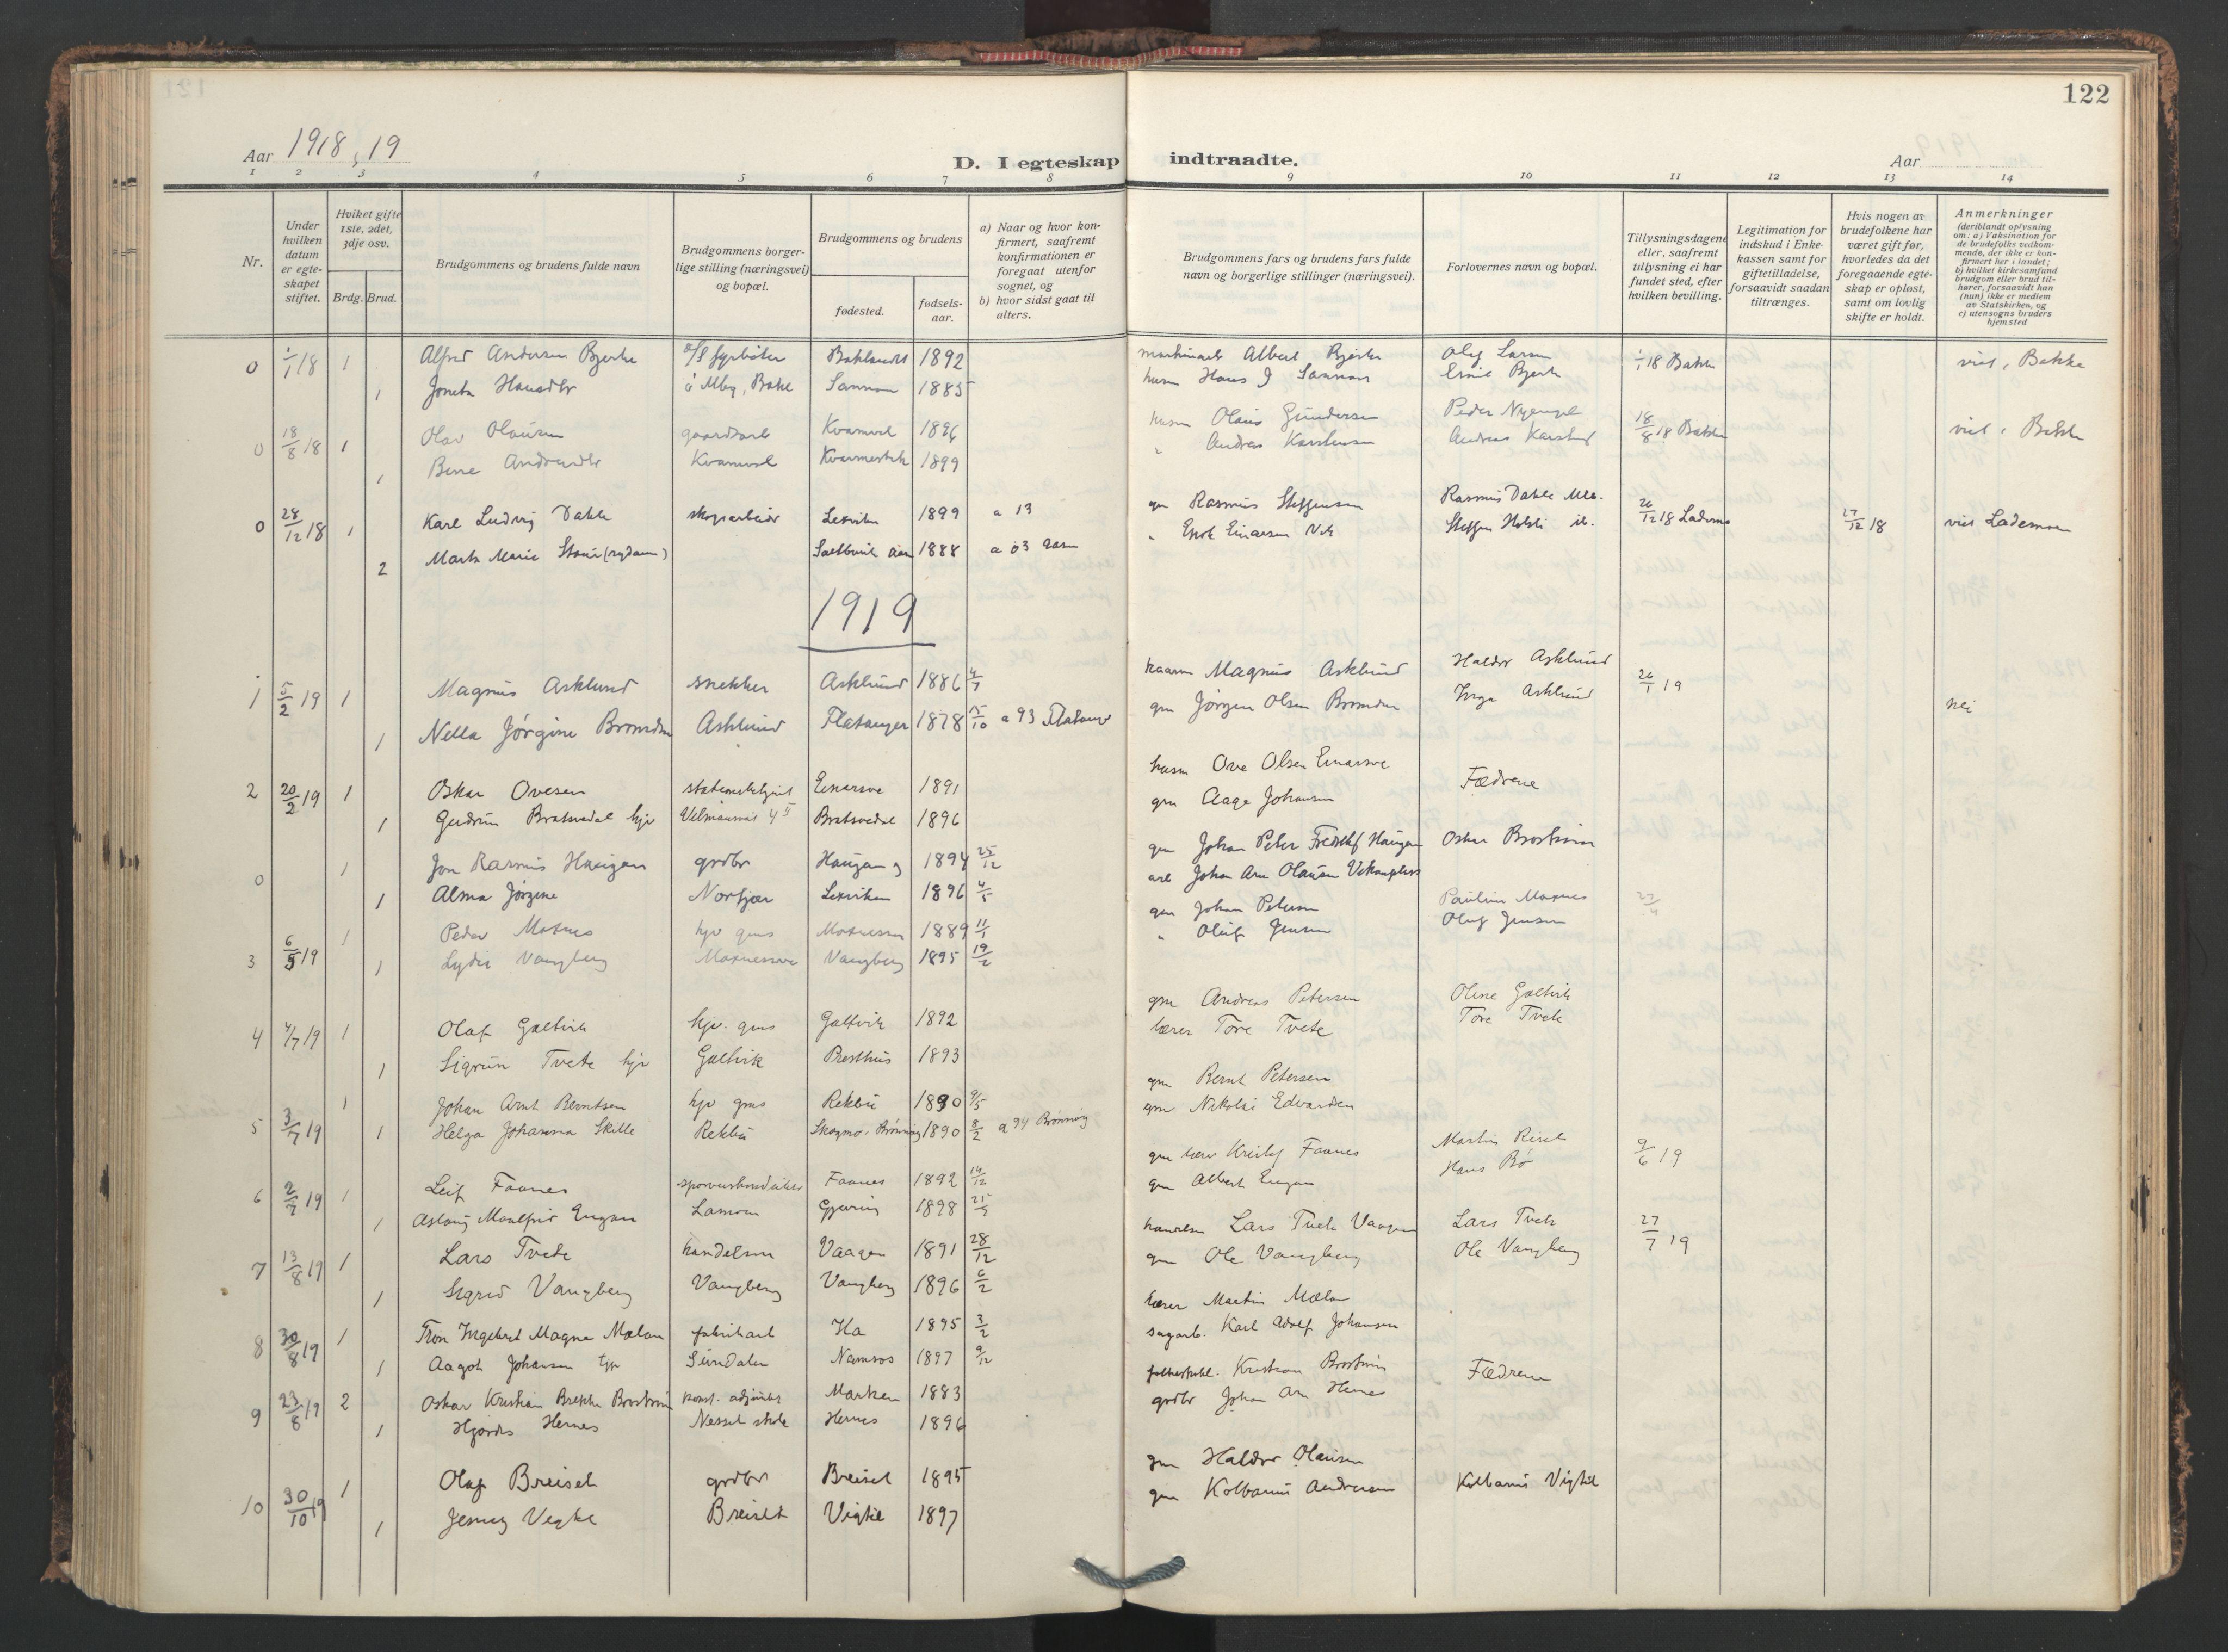 SAT, Ministerialprotokoller, klokkerbøker og fødselsregistre - Nord-Trøndelag, 713/L0123: Ministerialbok nr. 713A12, 1911-1925, s. 122